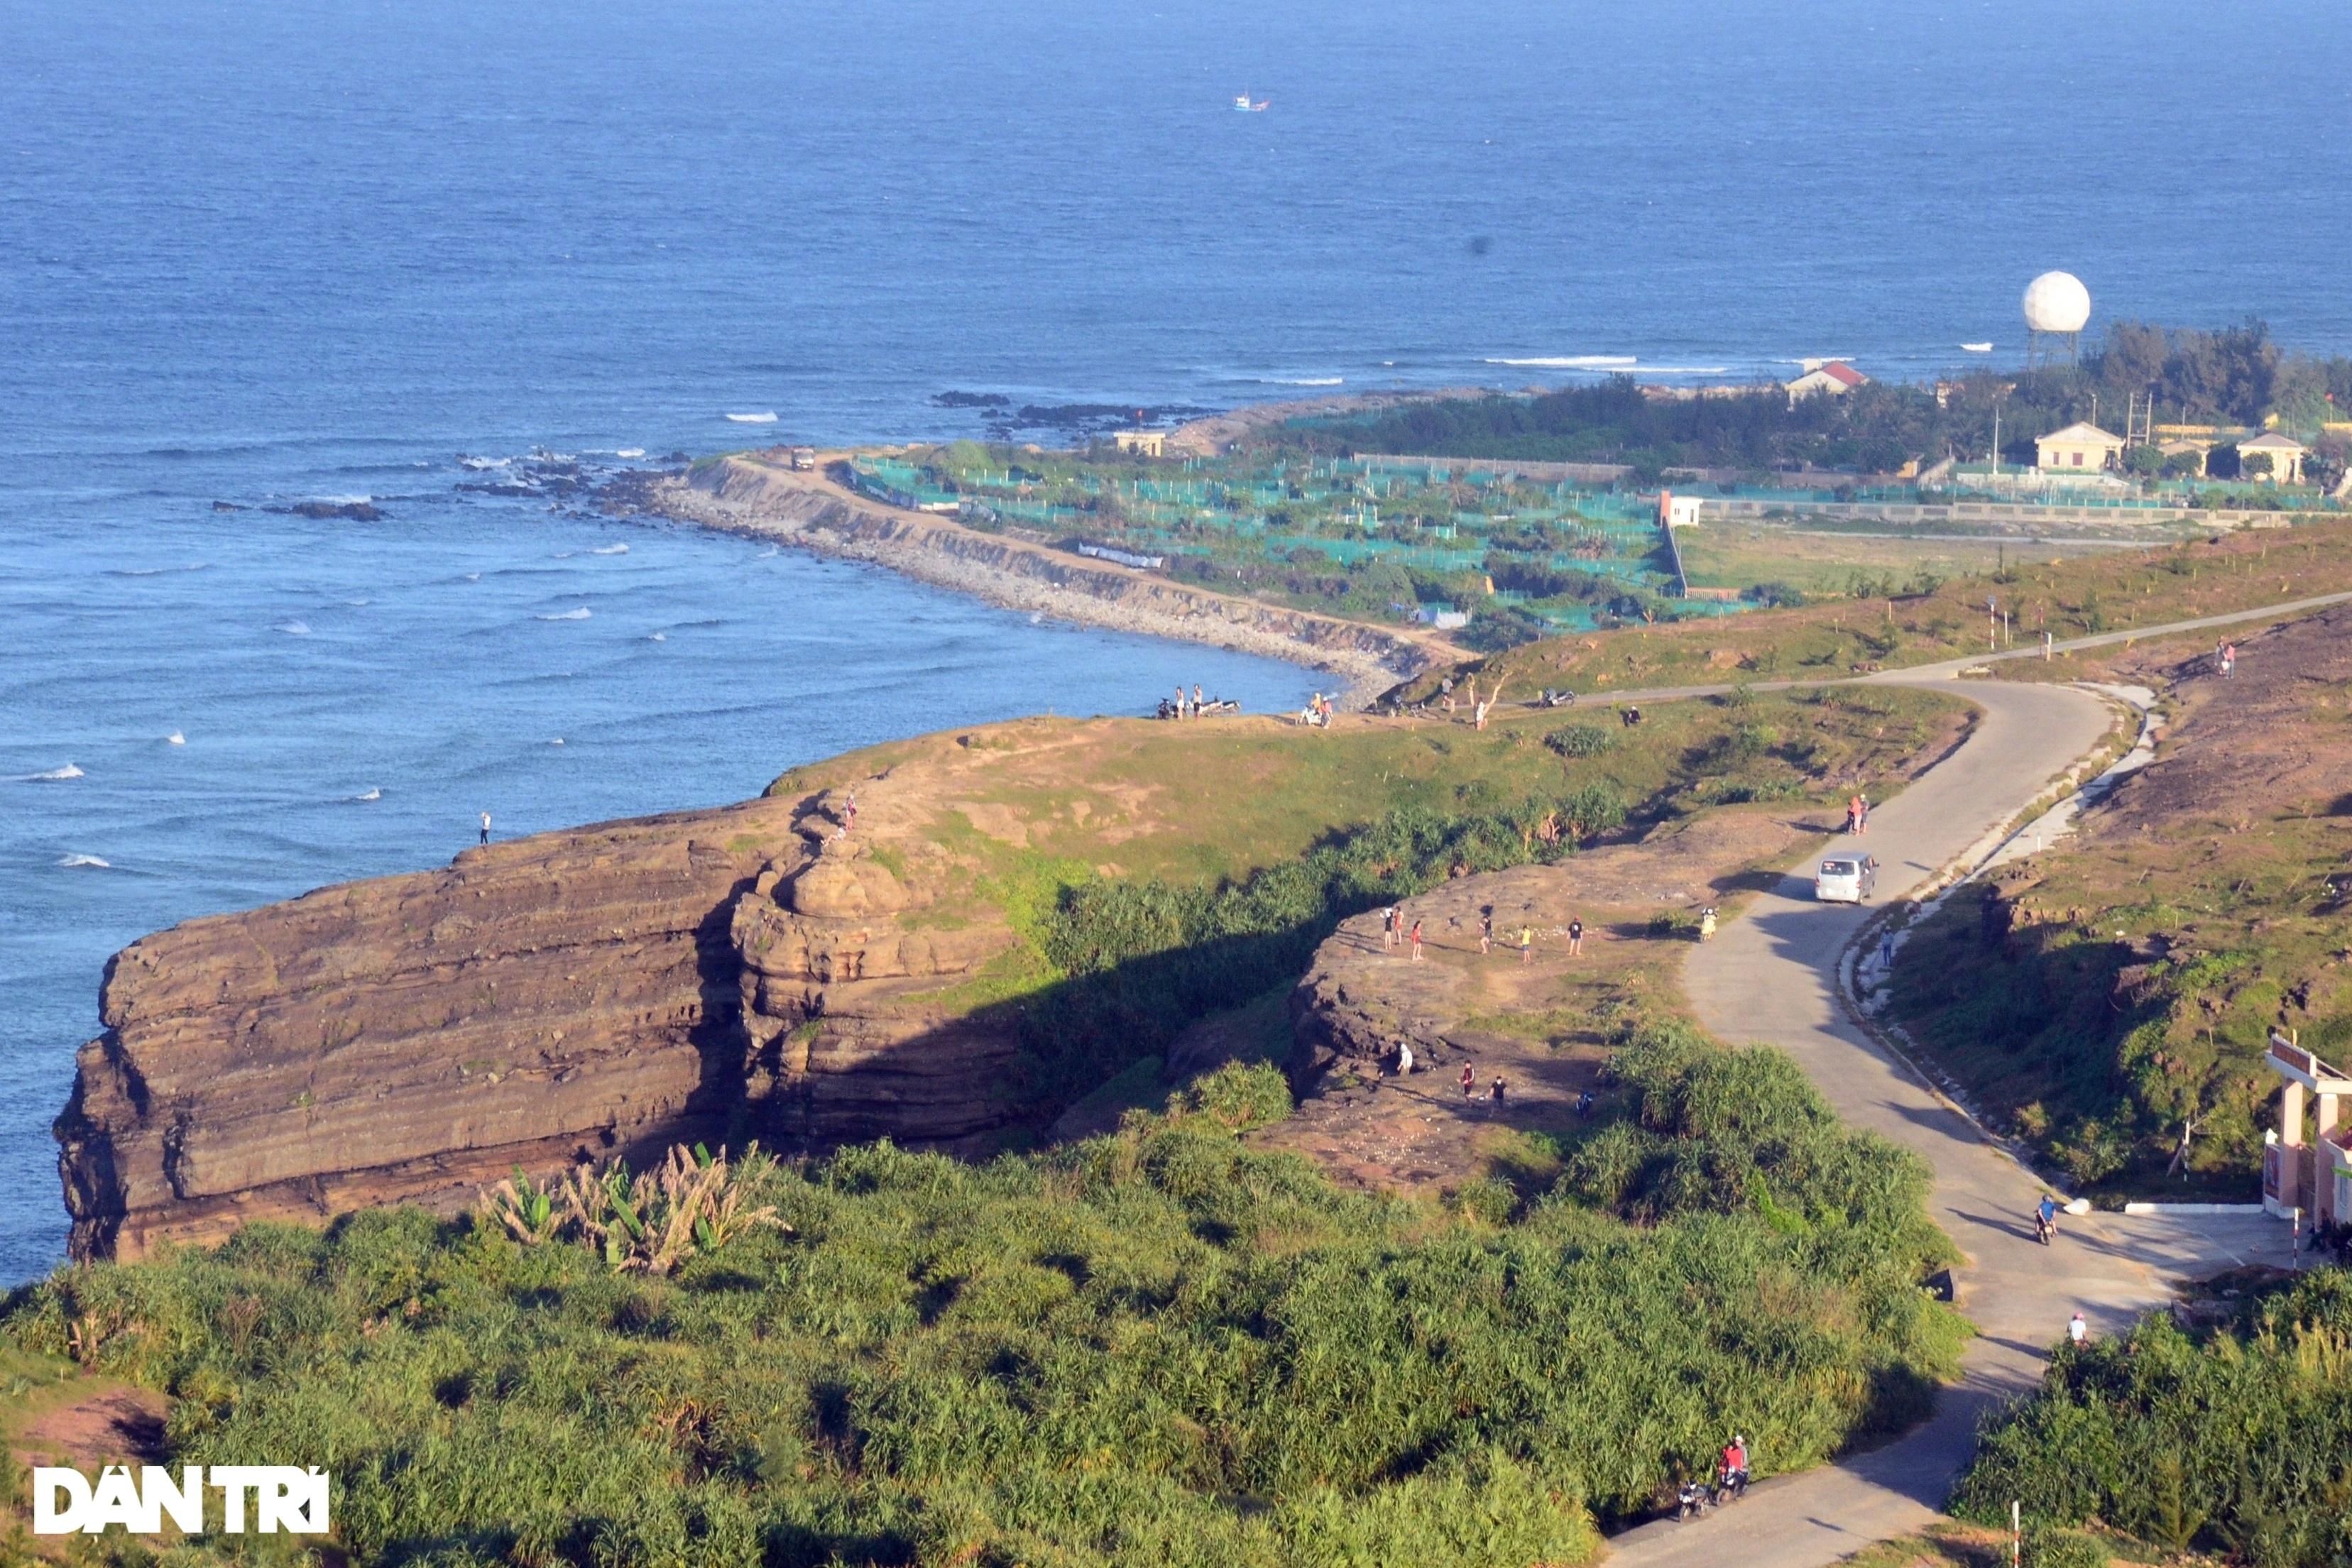 Núi lửa triệu năm tuổi và những cảnh đẹp hút hồn du khách ở đảo Lý Sơn - 4